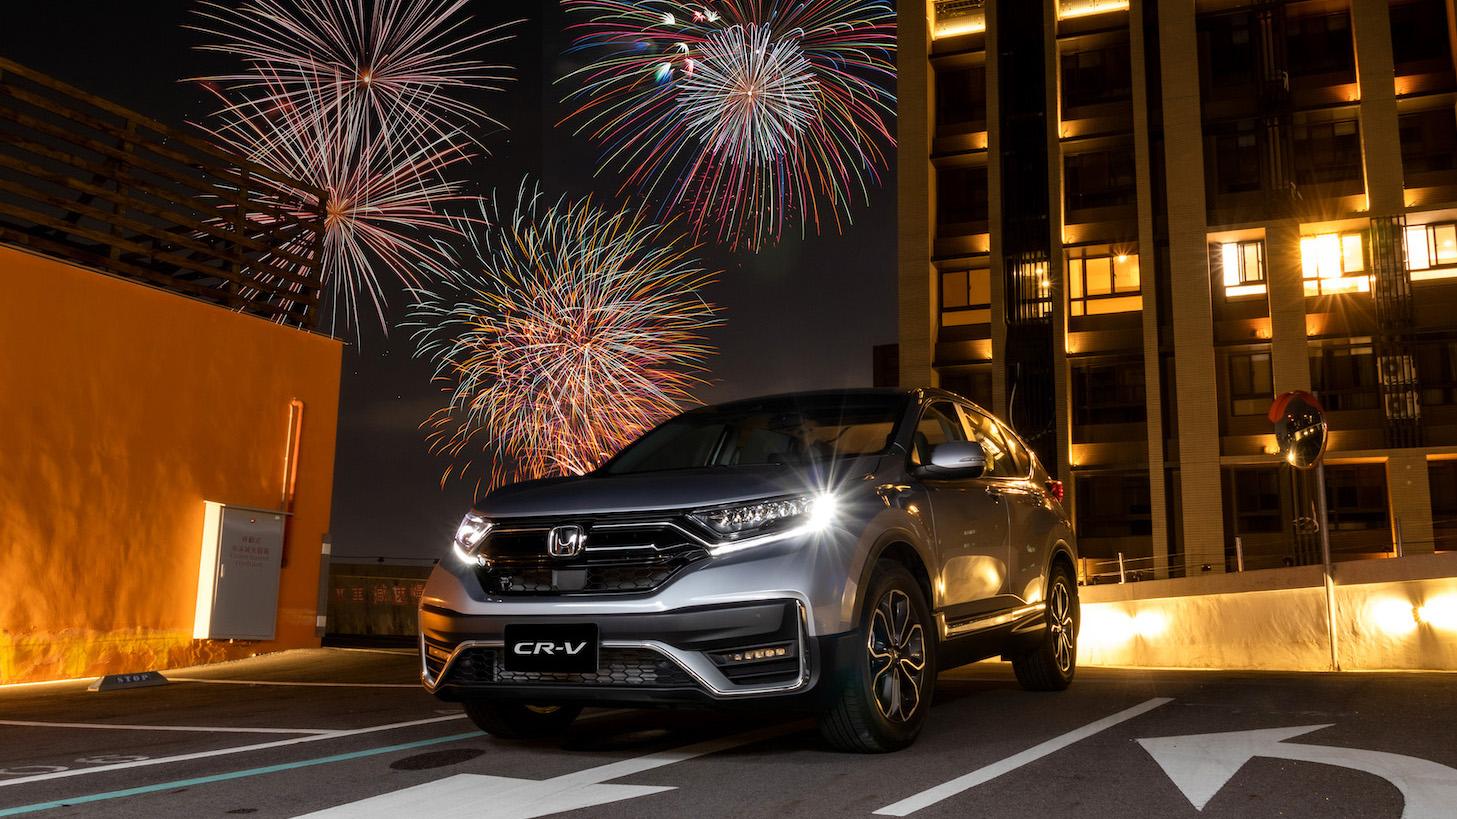 Honda CR-V 熱賣 1,402 台!稱霸 2 月中型休旅級距